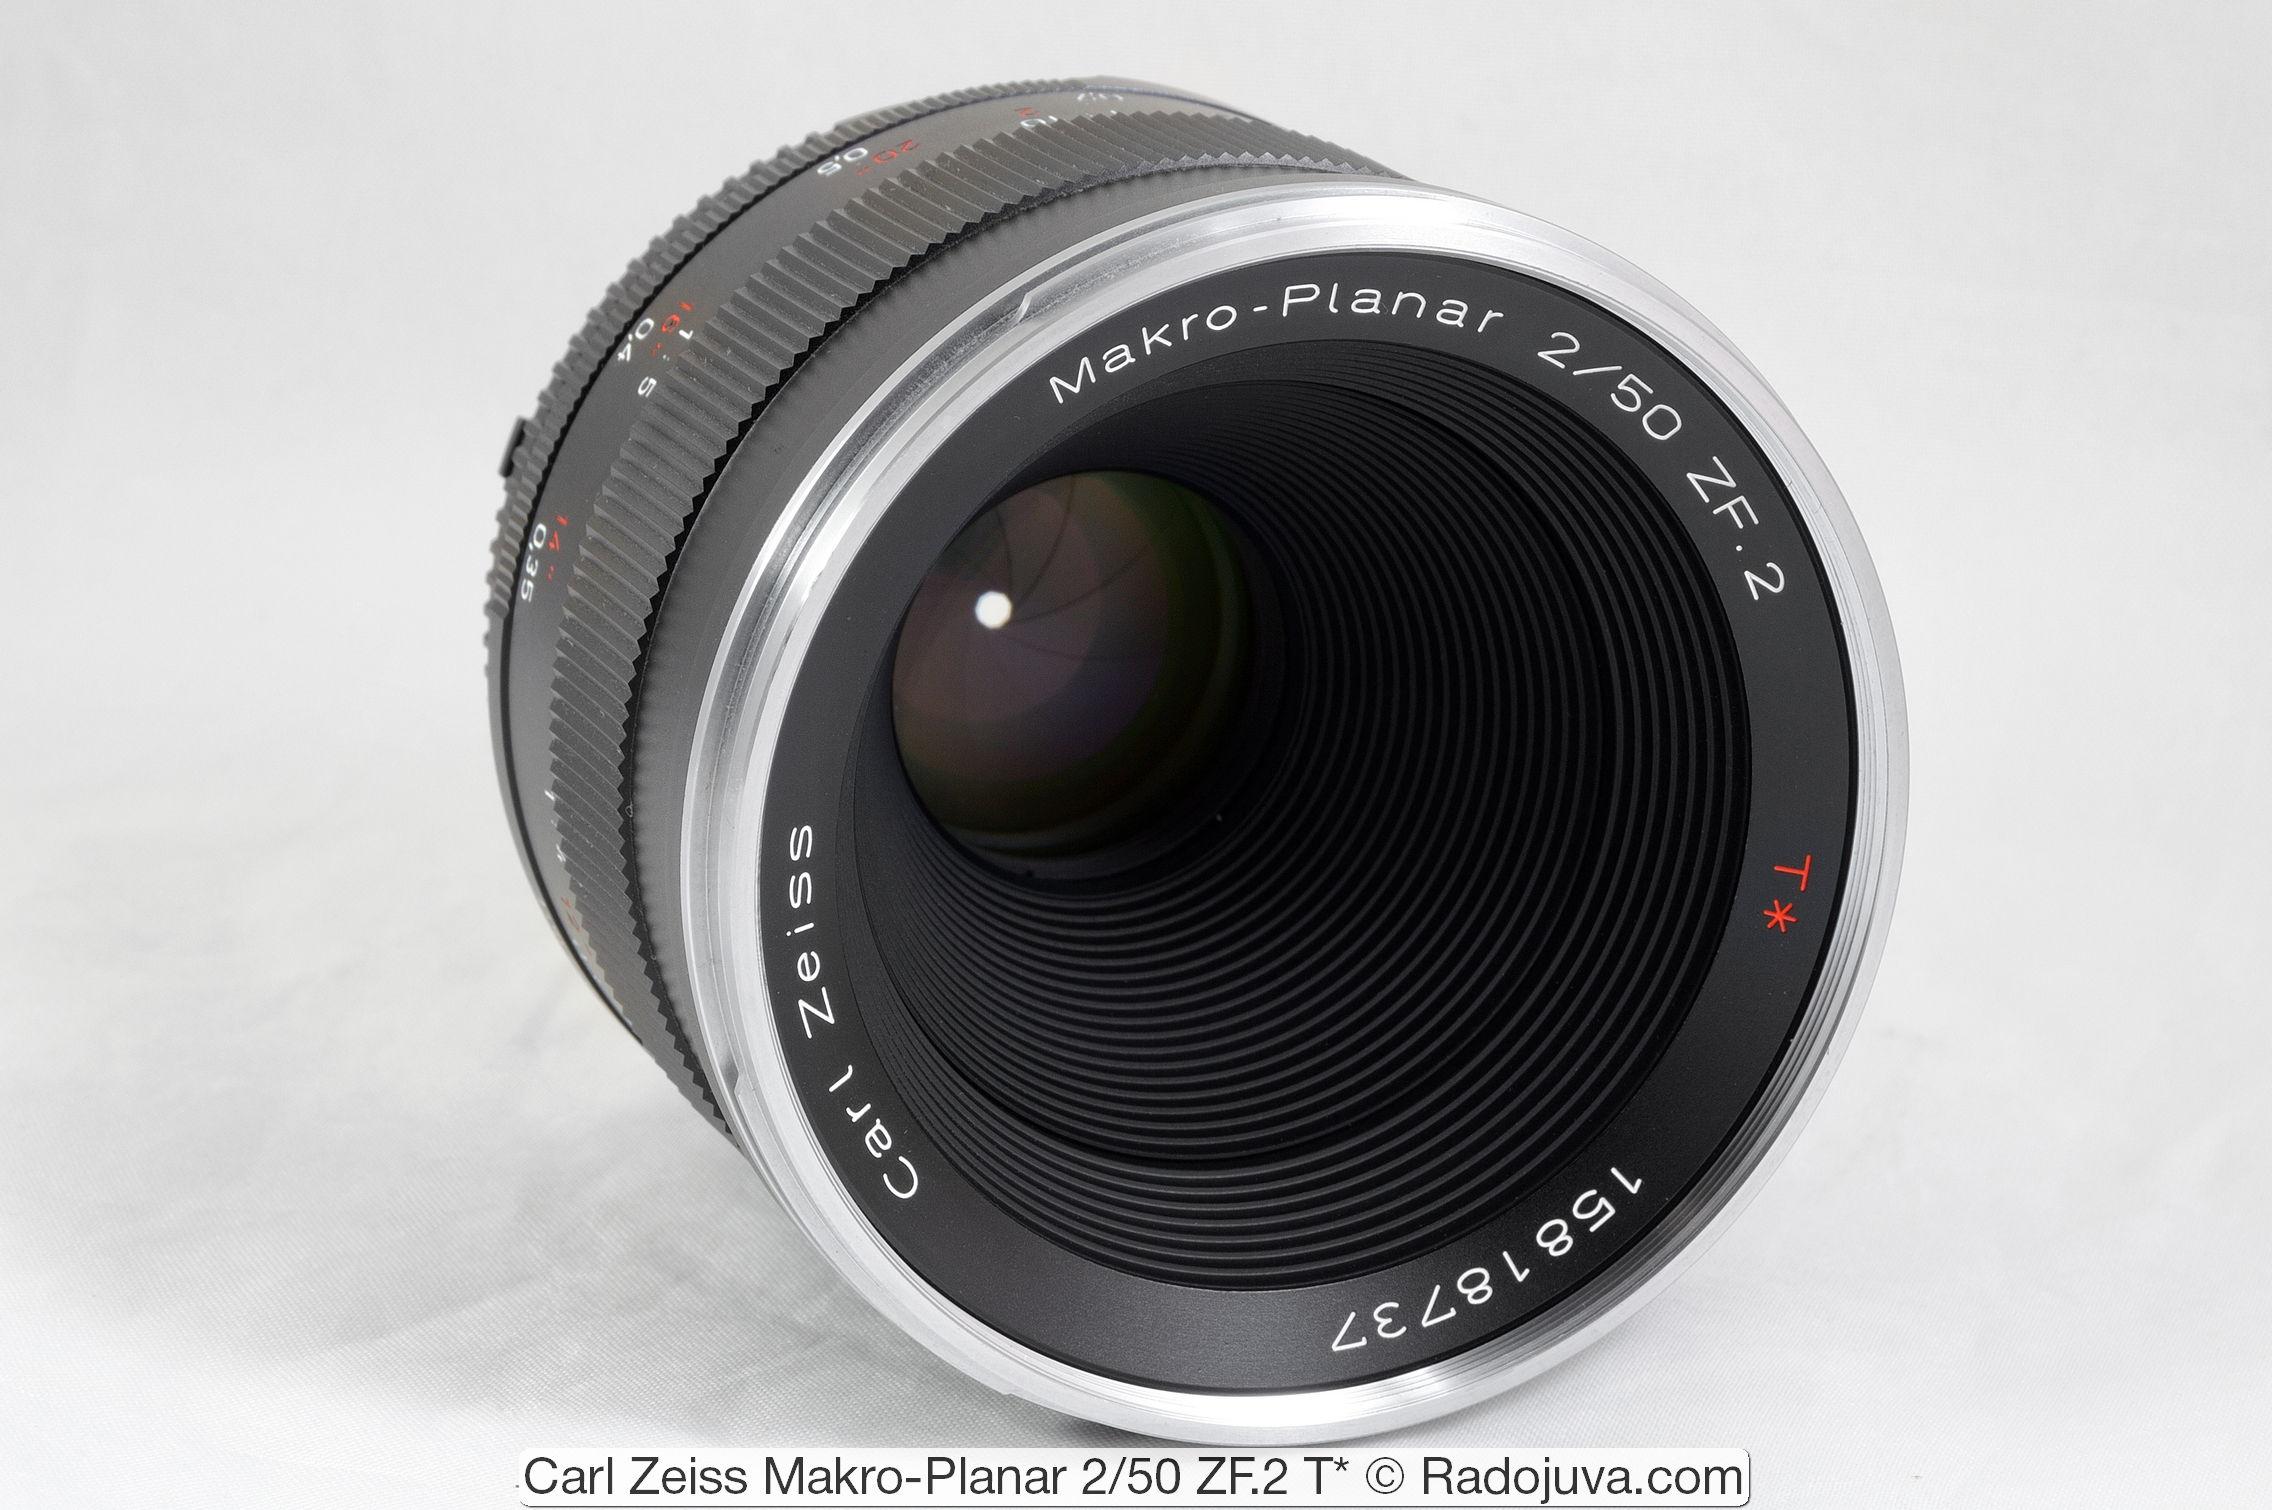 Carl Zeiss Makro-Planar 2/50 ZF.2 T*